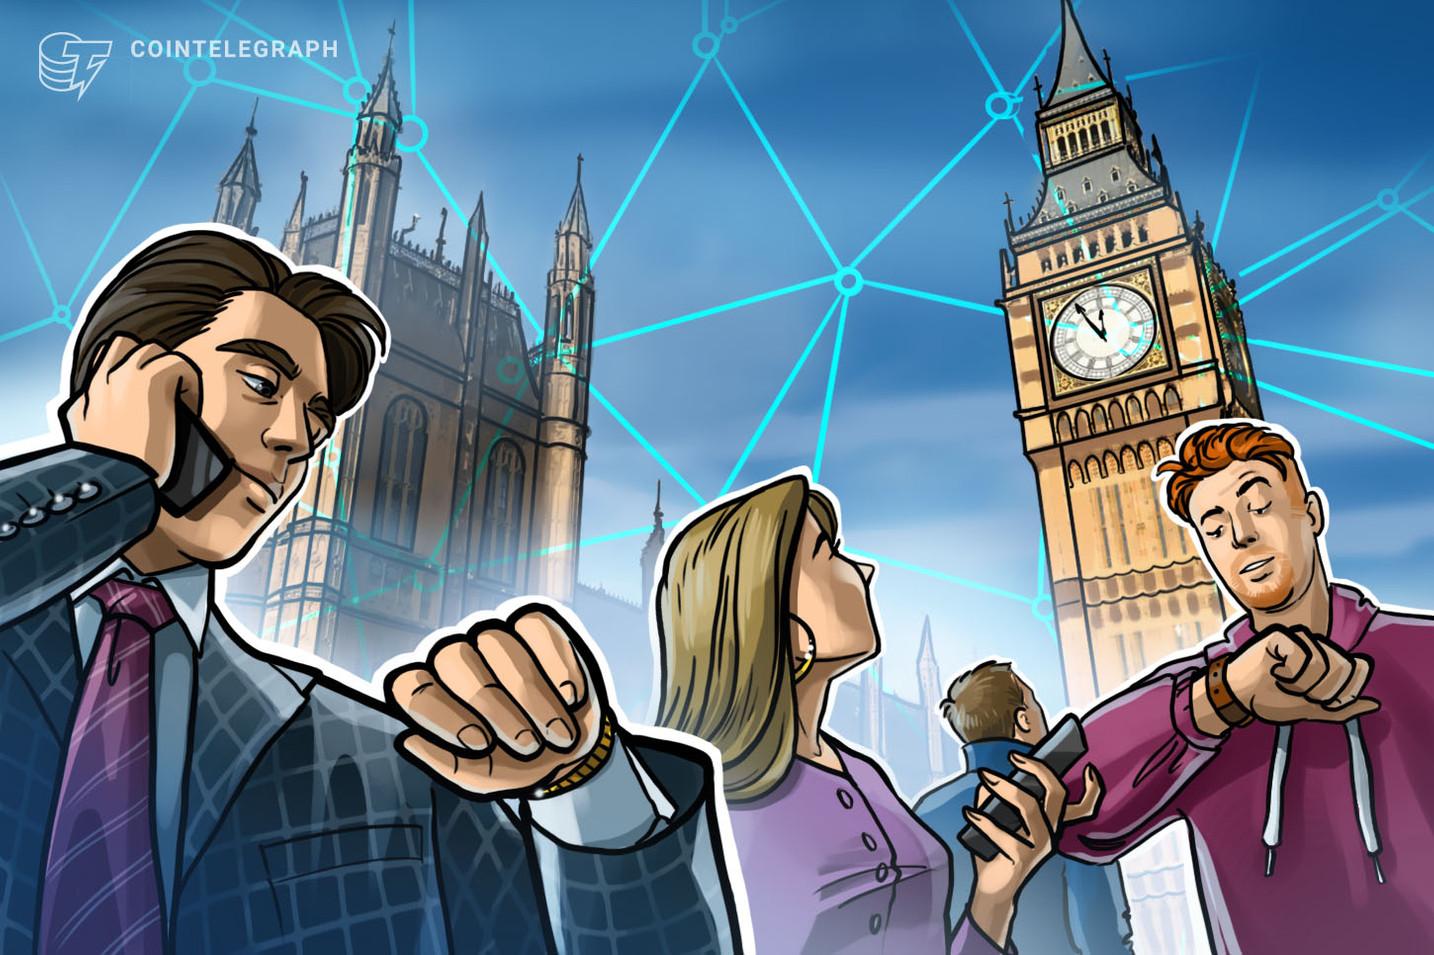 Canciller del Reino Unido coloca las CBDC en la lista de próximas reformas financieras del Tesoro